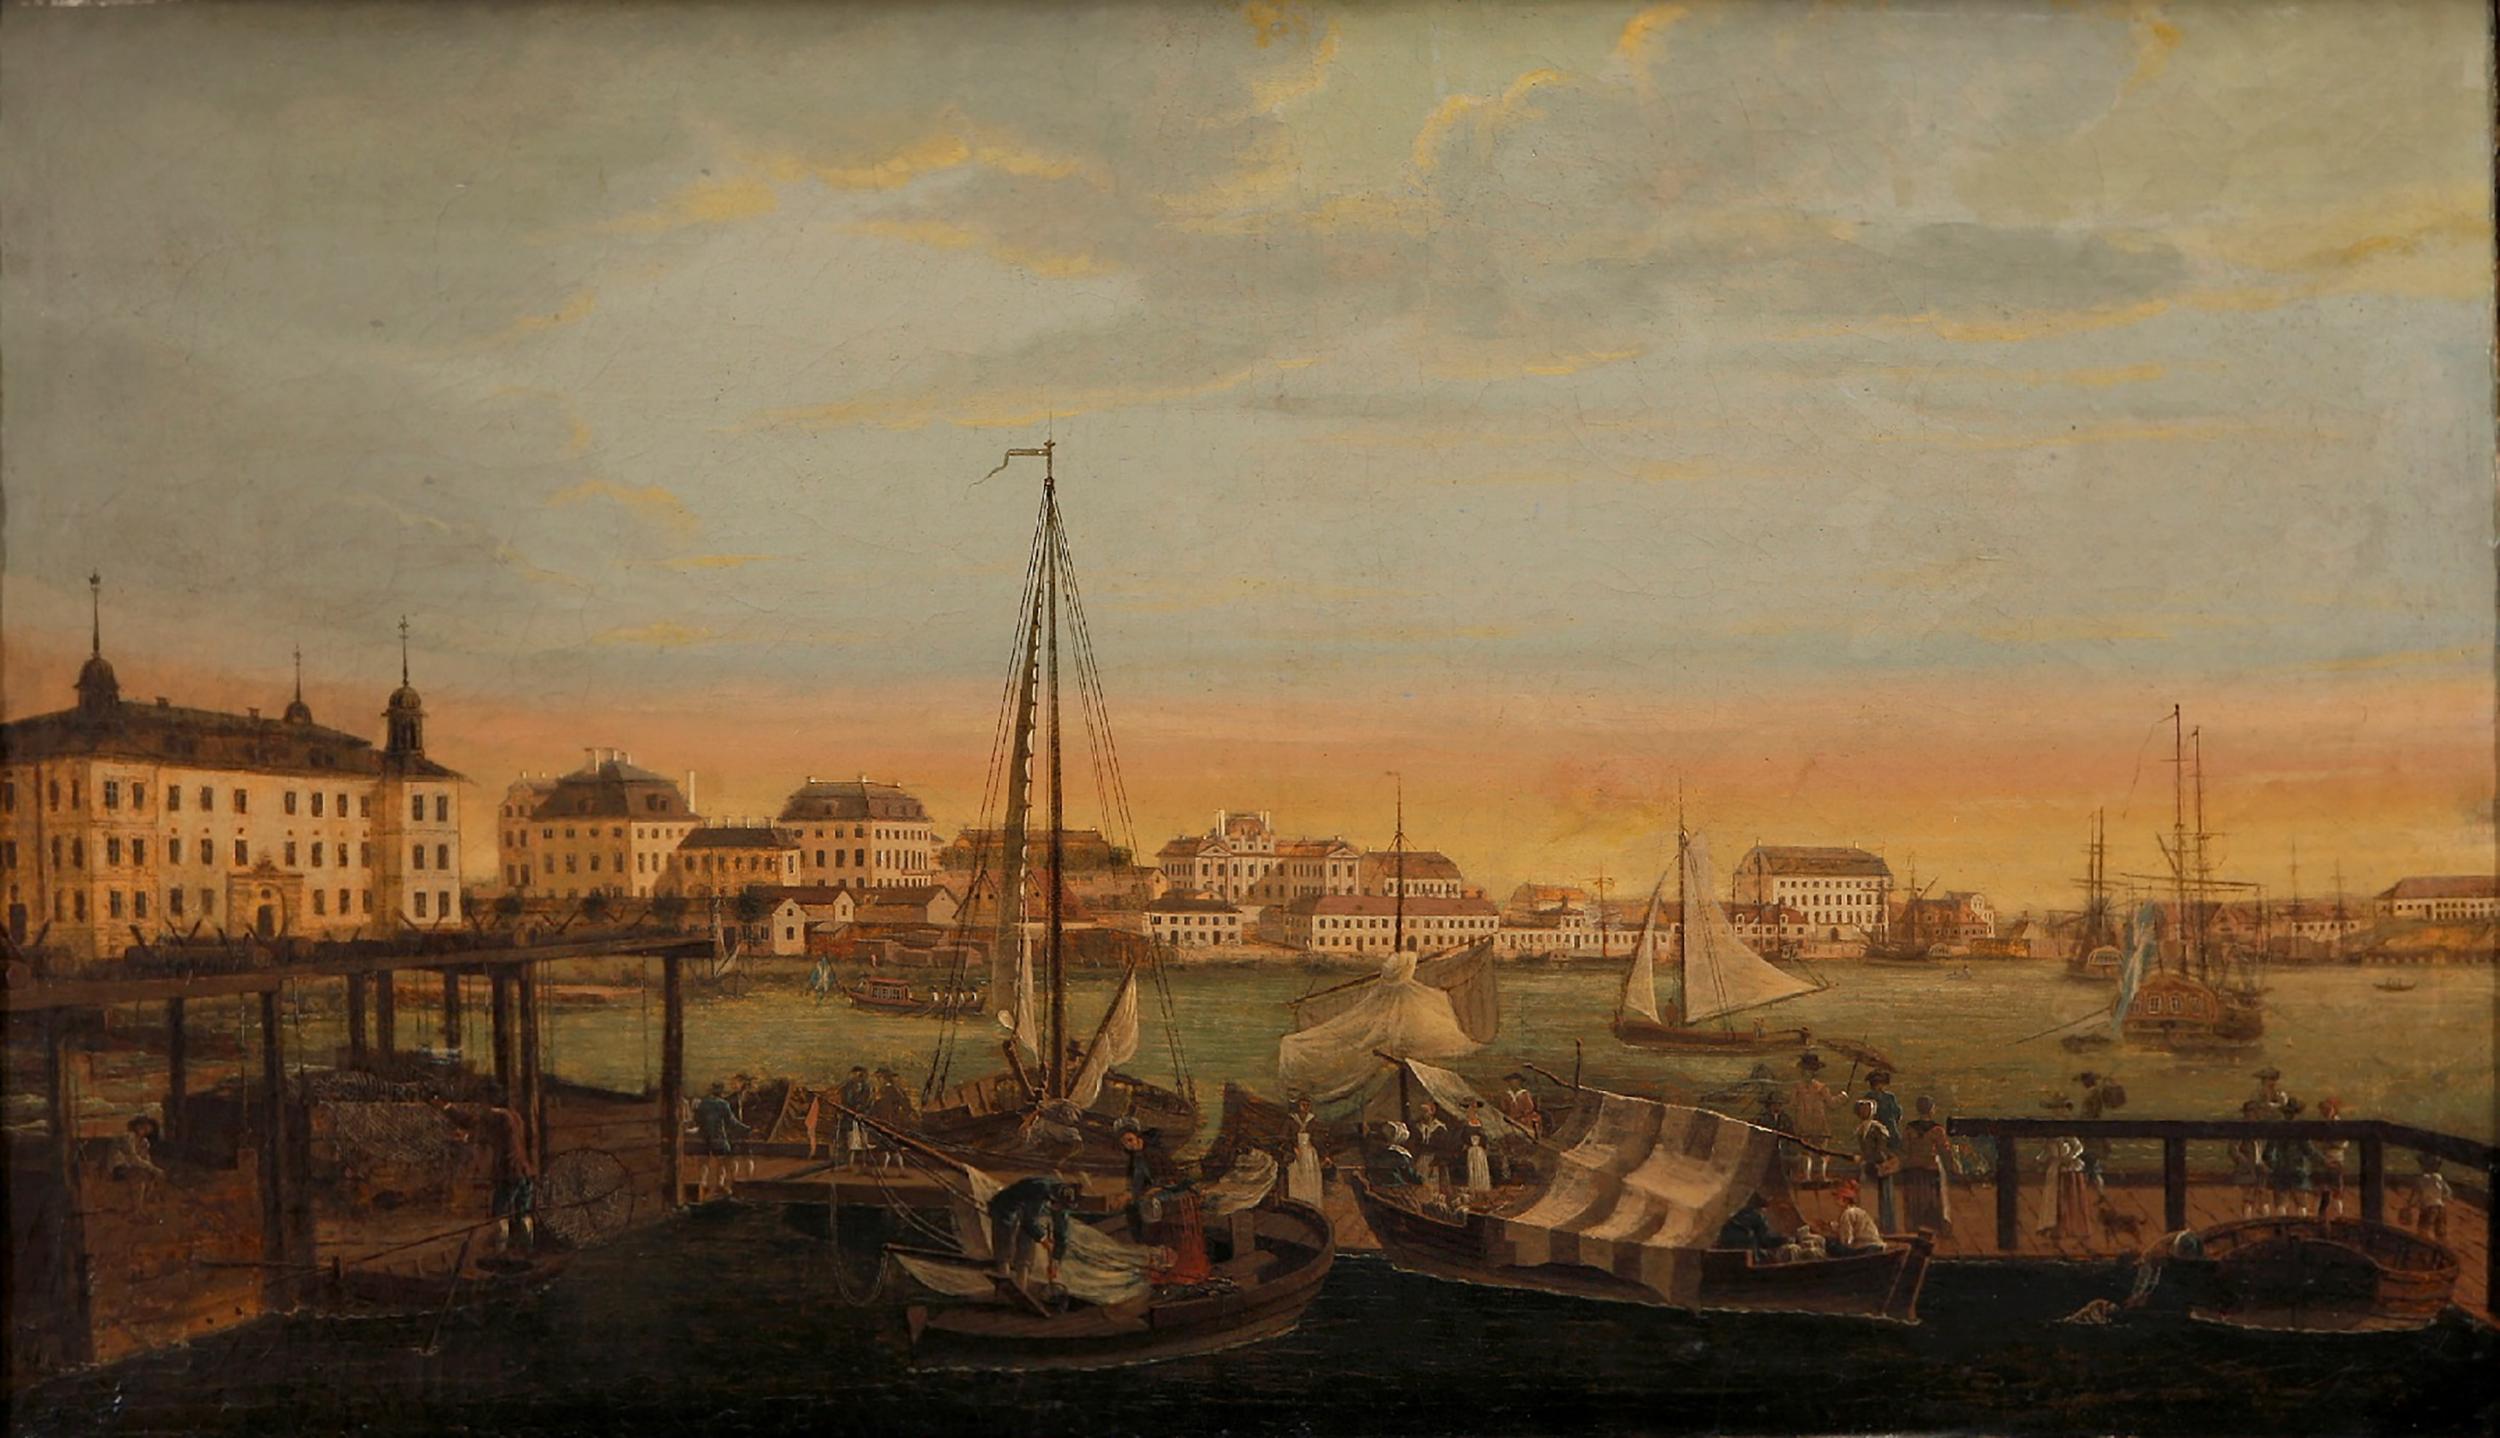 Utsikt åt öster från Norra fiskehamnen, där Strömparterren ligger idag. Byggnaden längst till vänster är De la Gardies palats Makalös vid Karl XII:s torg, till höger om det syns palatsen på Blasieholmen. Johan Sevenbom, cirka 1750